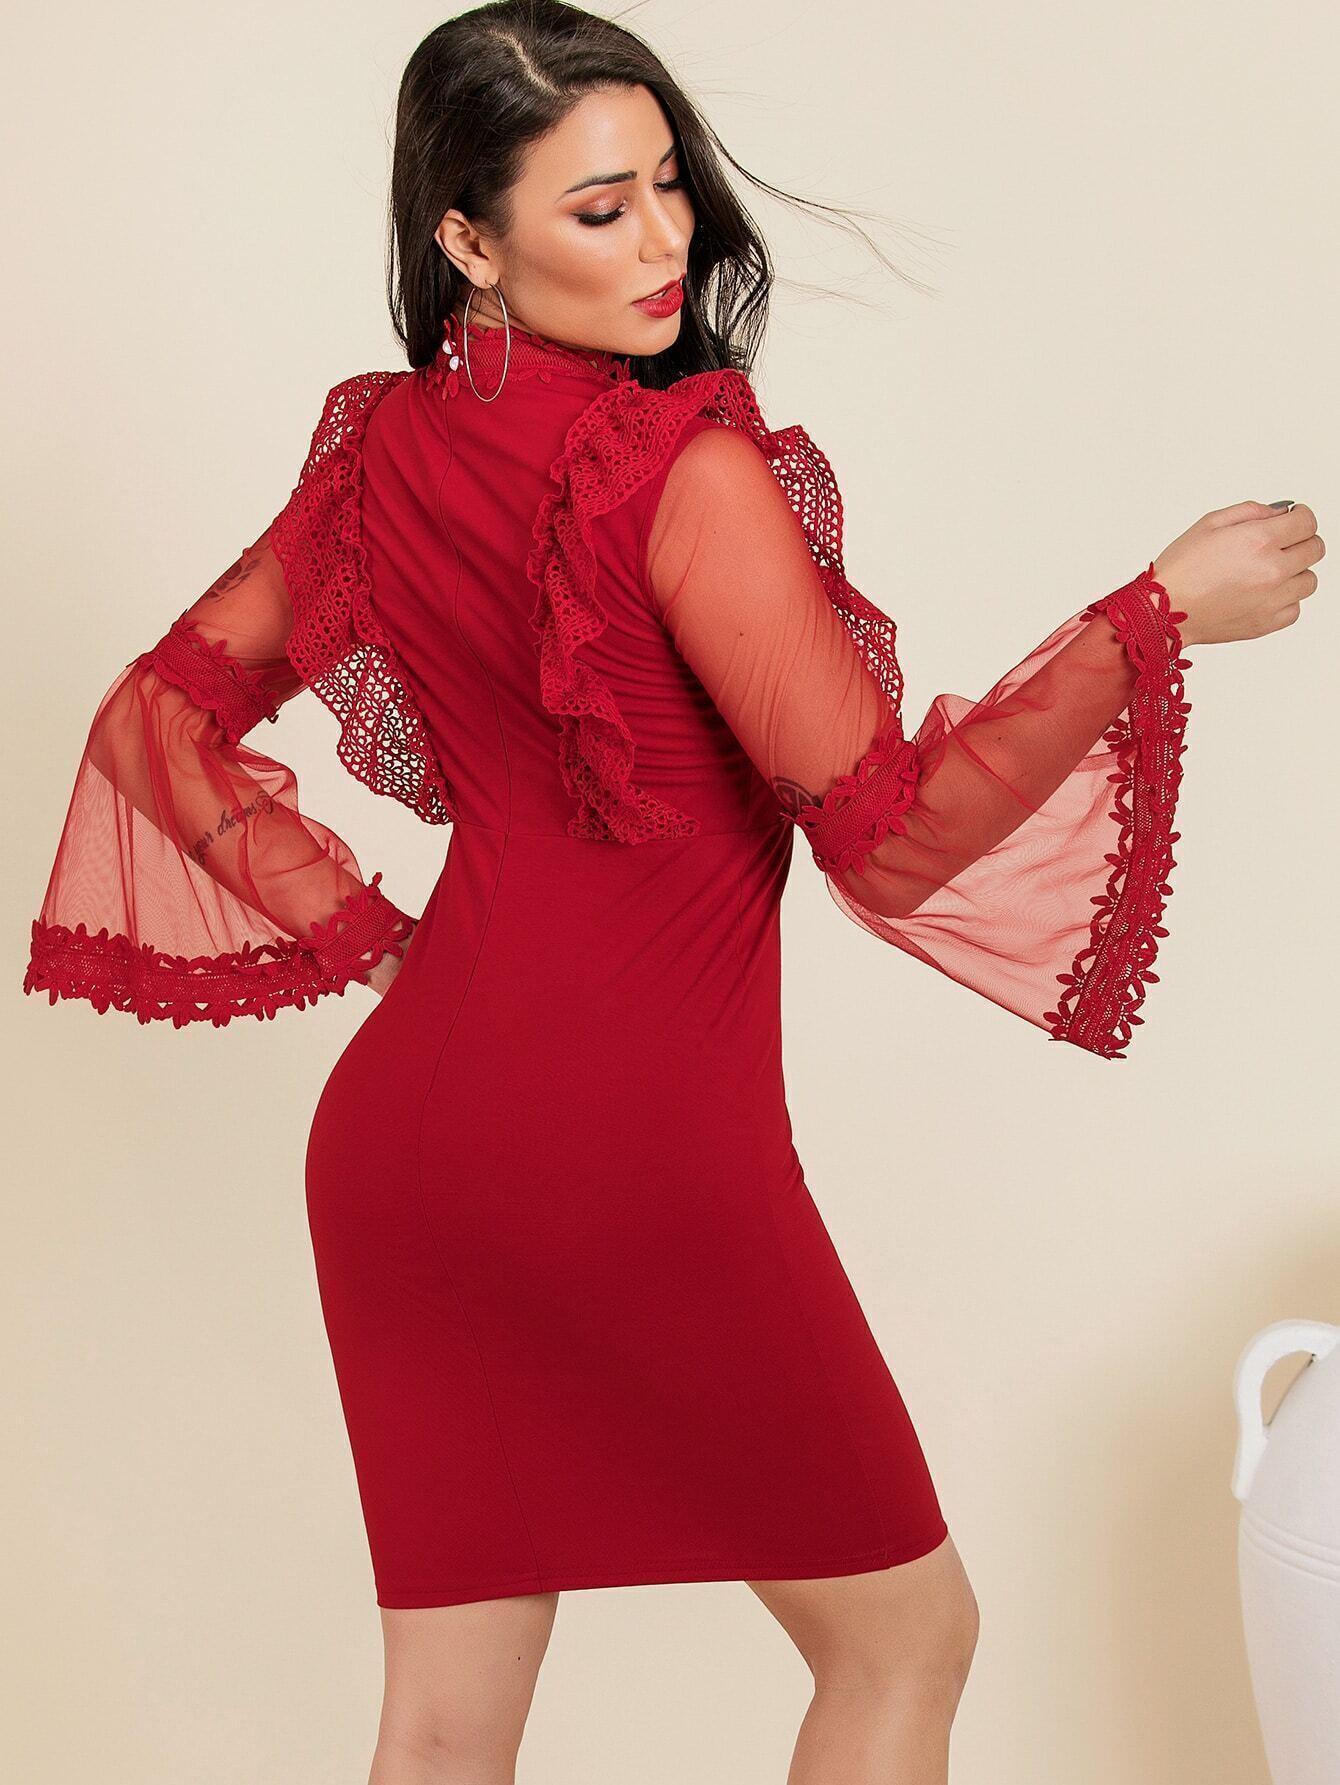 Glamaker Kleid Mit Spitzen Netzstoff Und Schößchen Auf